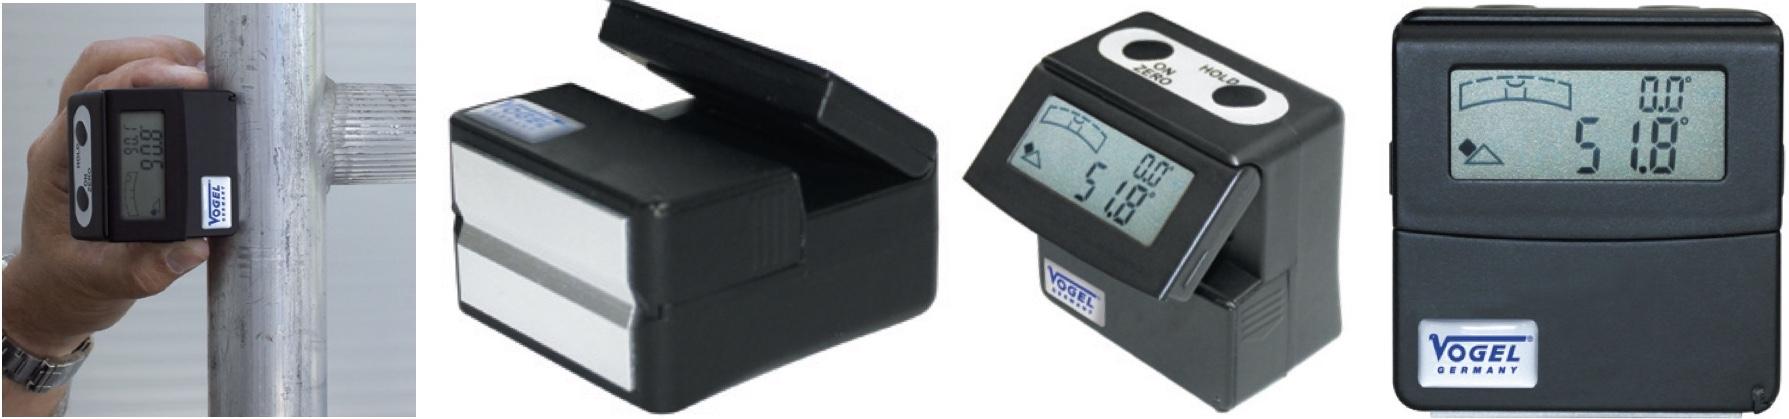 320015 cảm biến đo góc điện tử Digital Angle Sensor